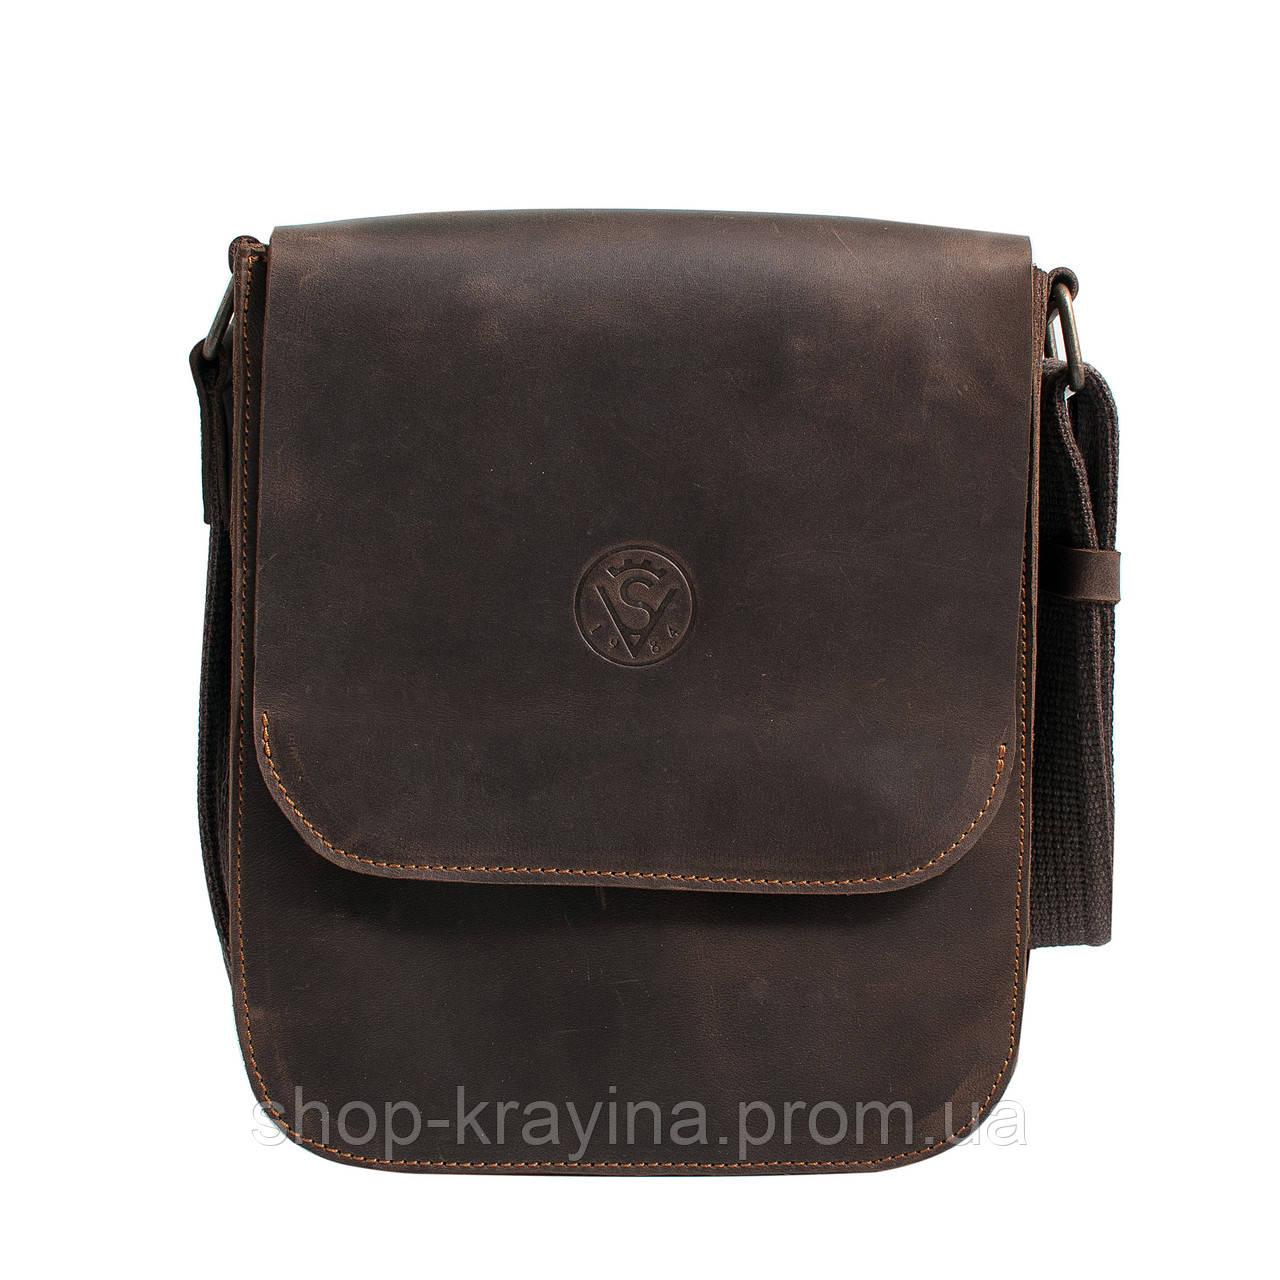 Кожаная мужская сумка VS214 Crazy horse brown 20х23х5.5  см